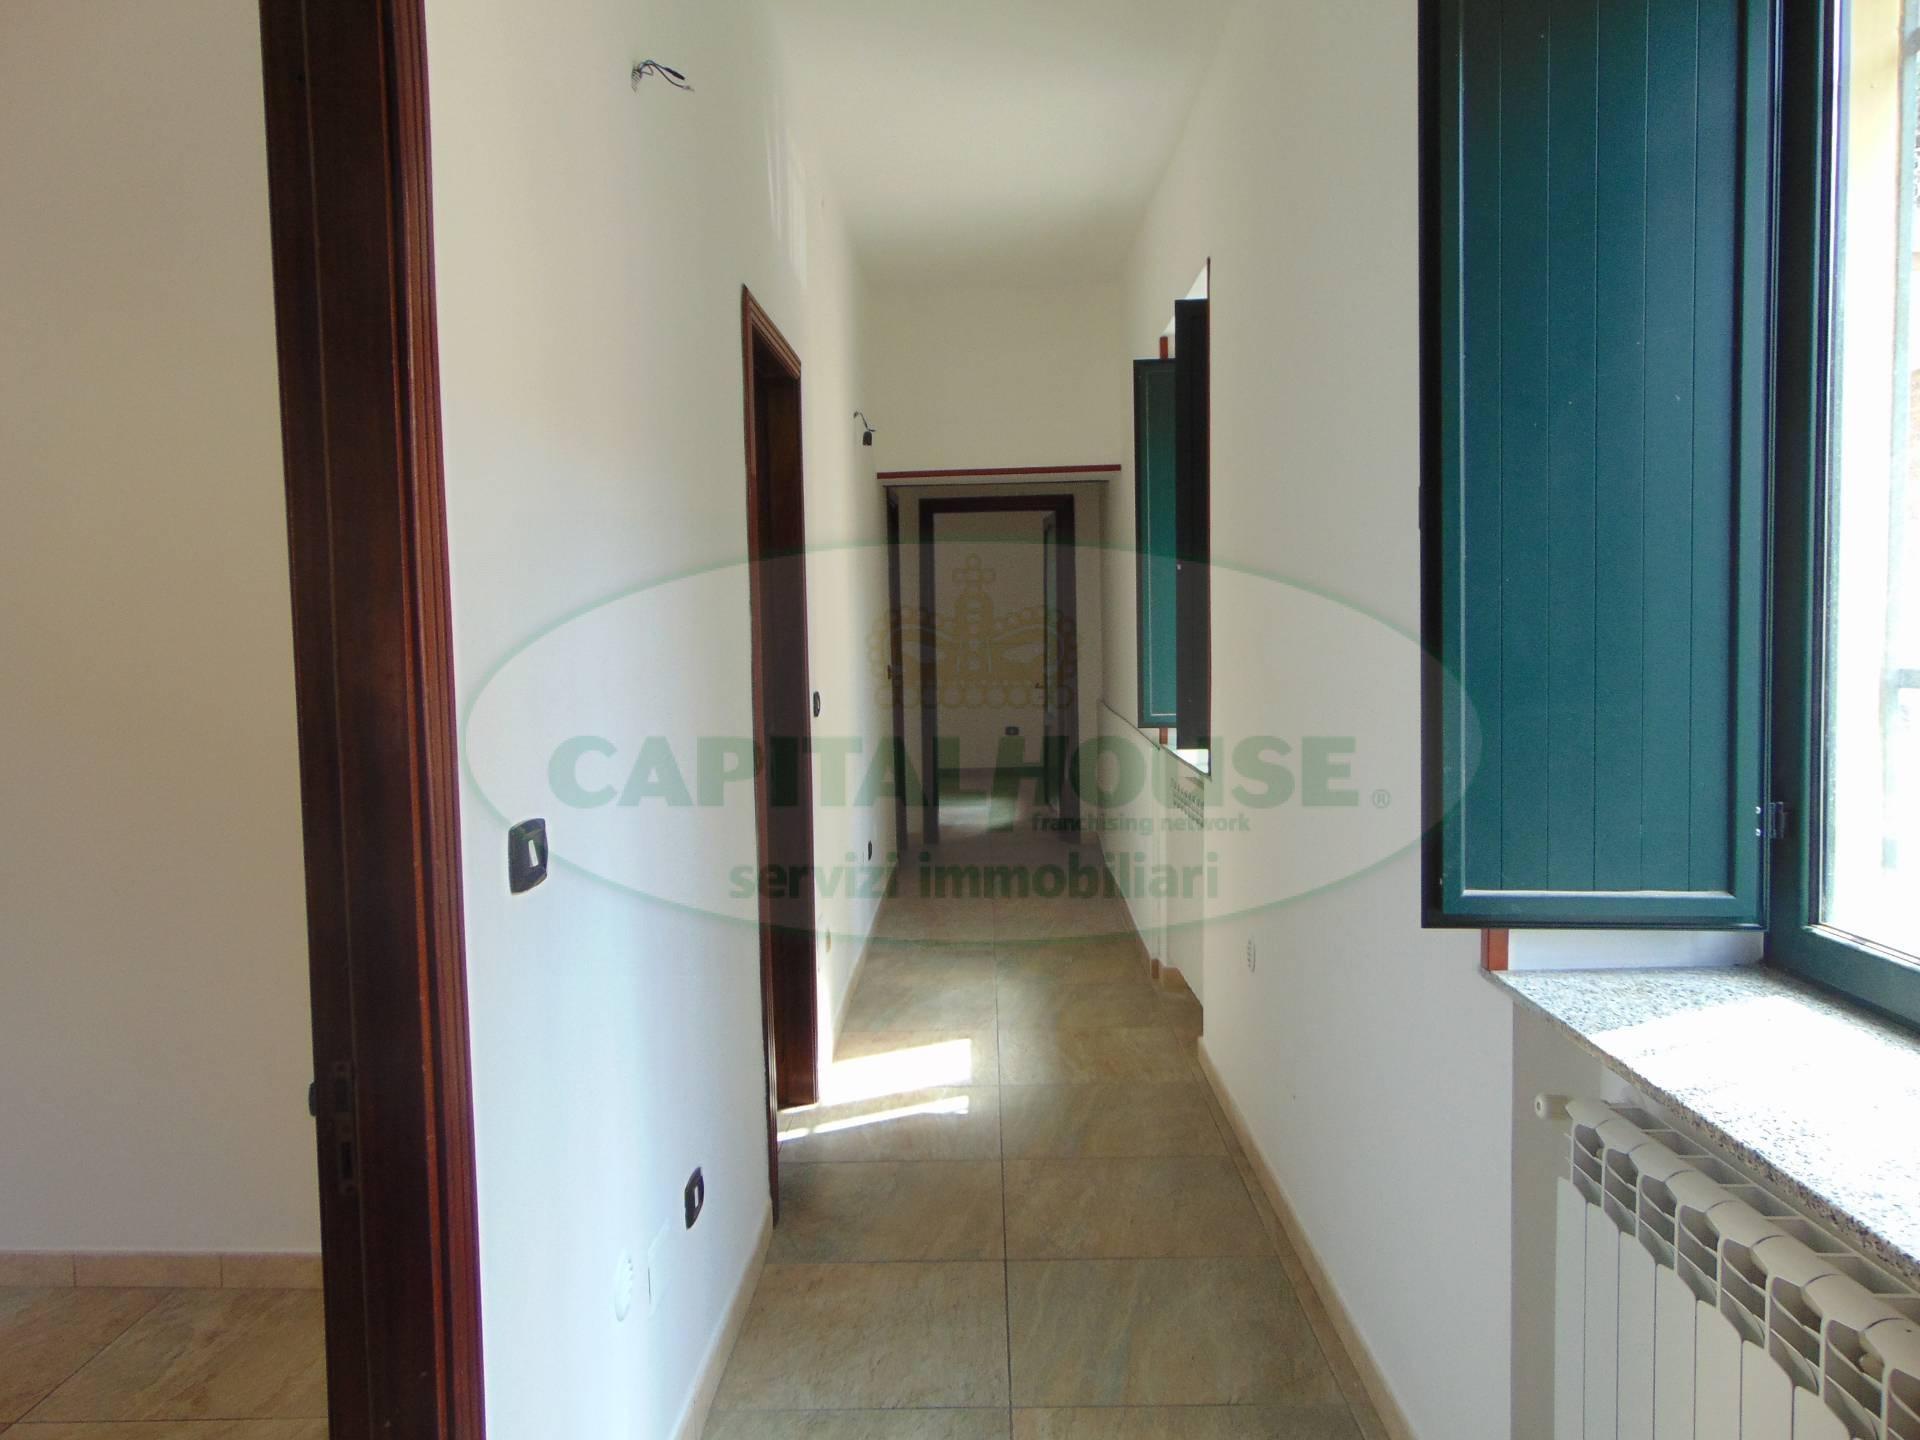 88z appartamento in affitto a santa maria capua vetere for Living arredamenti santa maria capua vetere